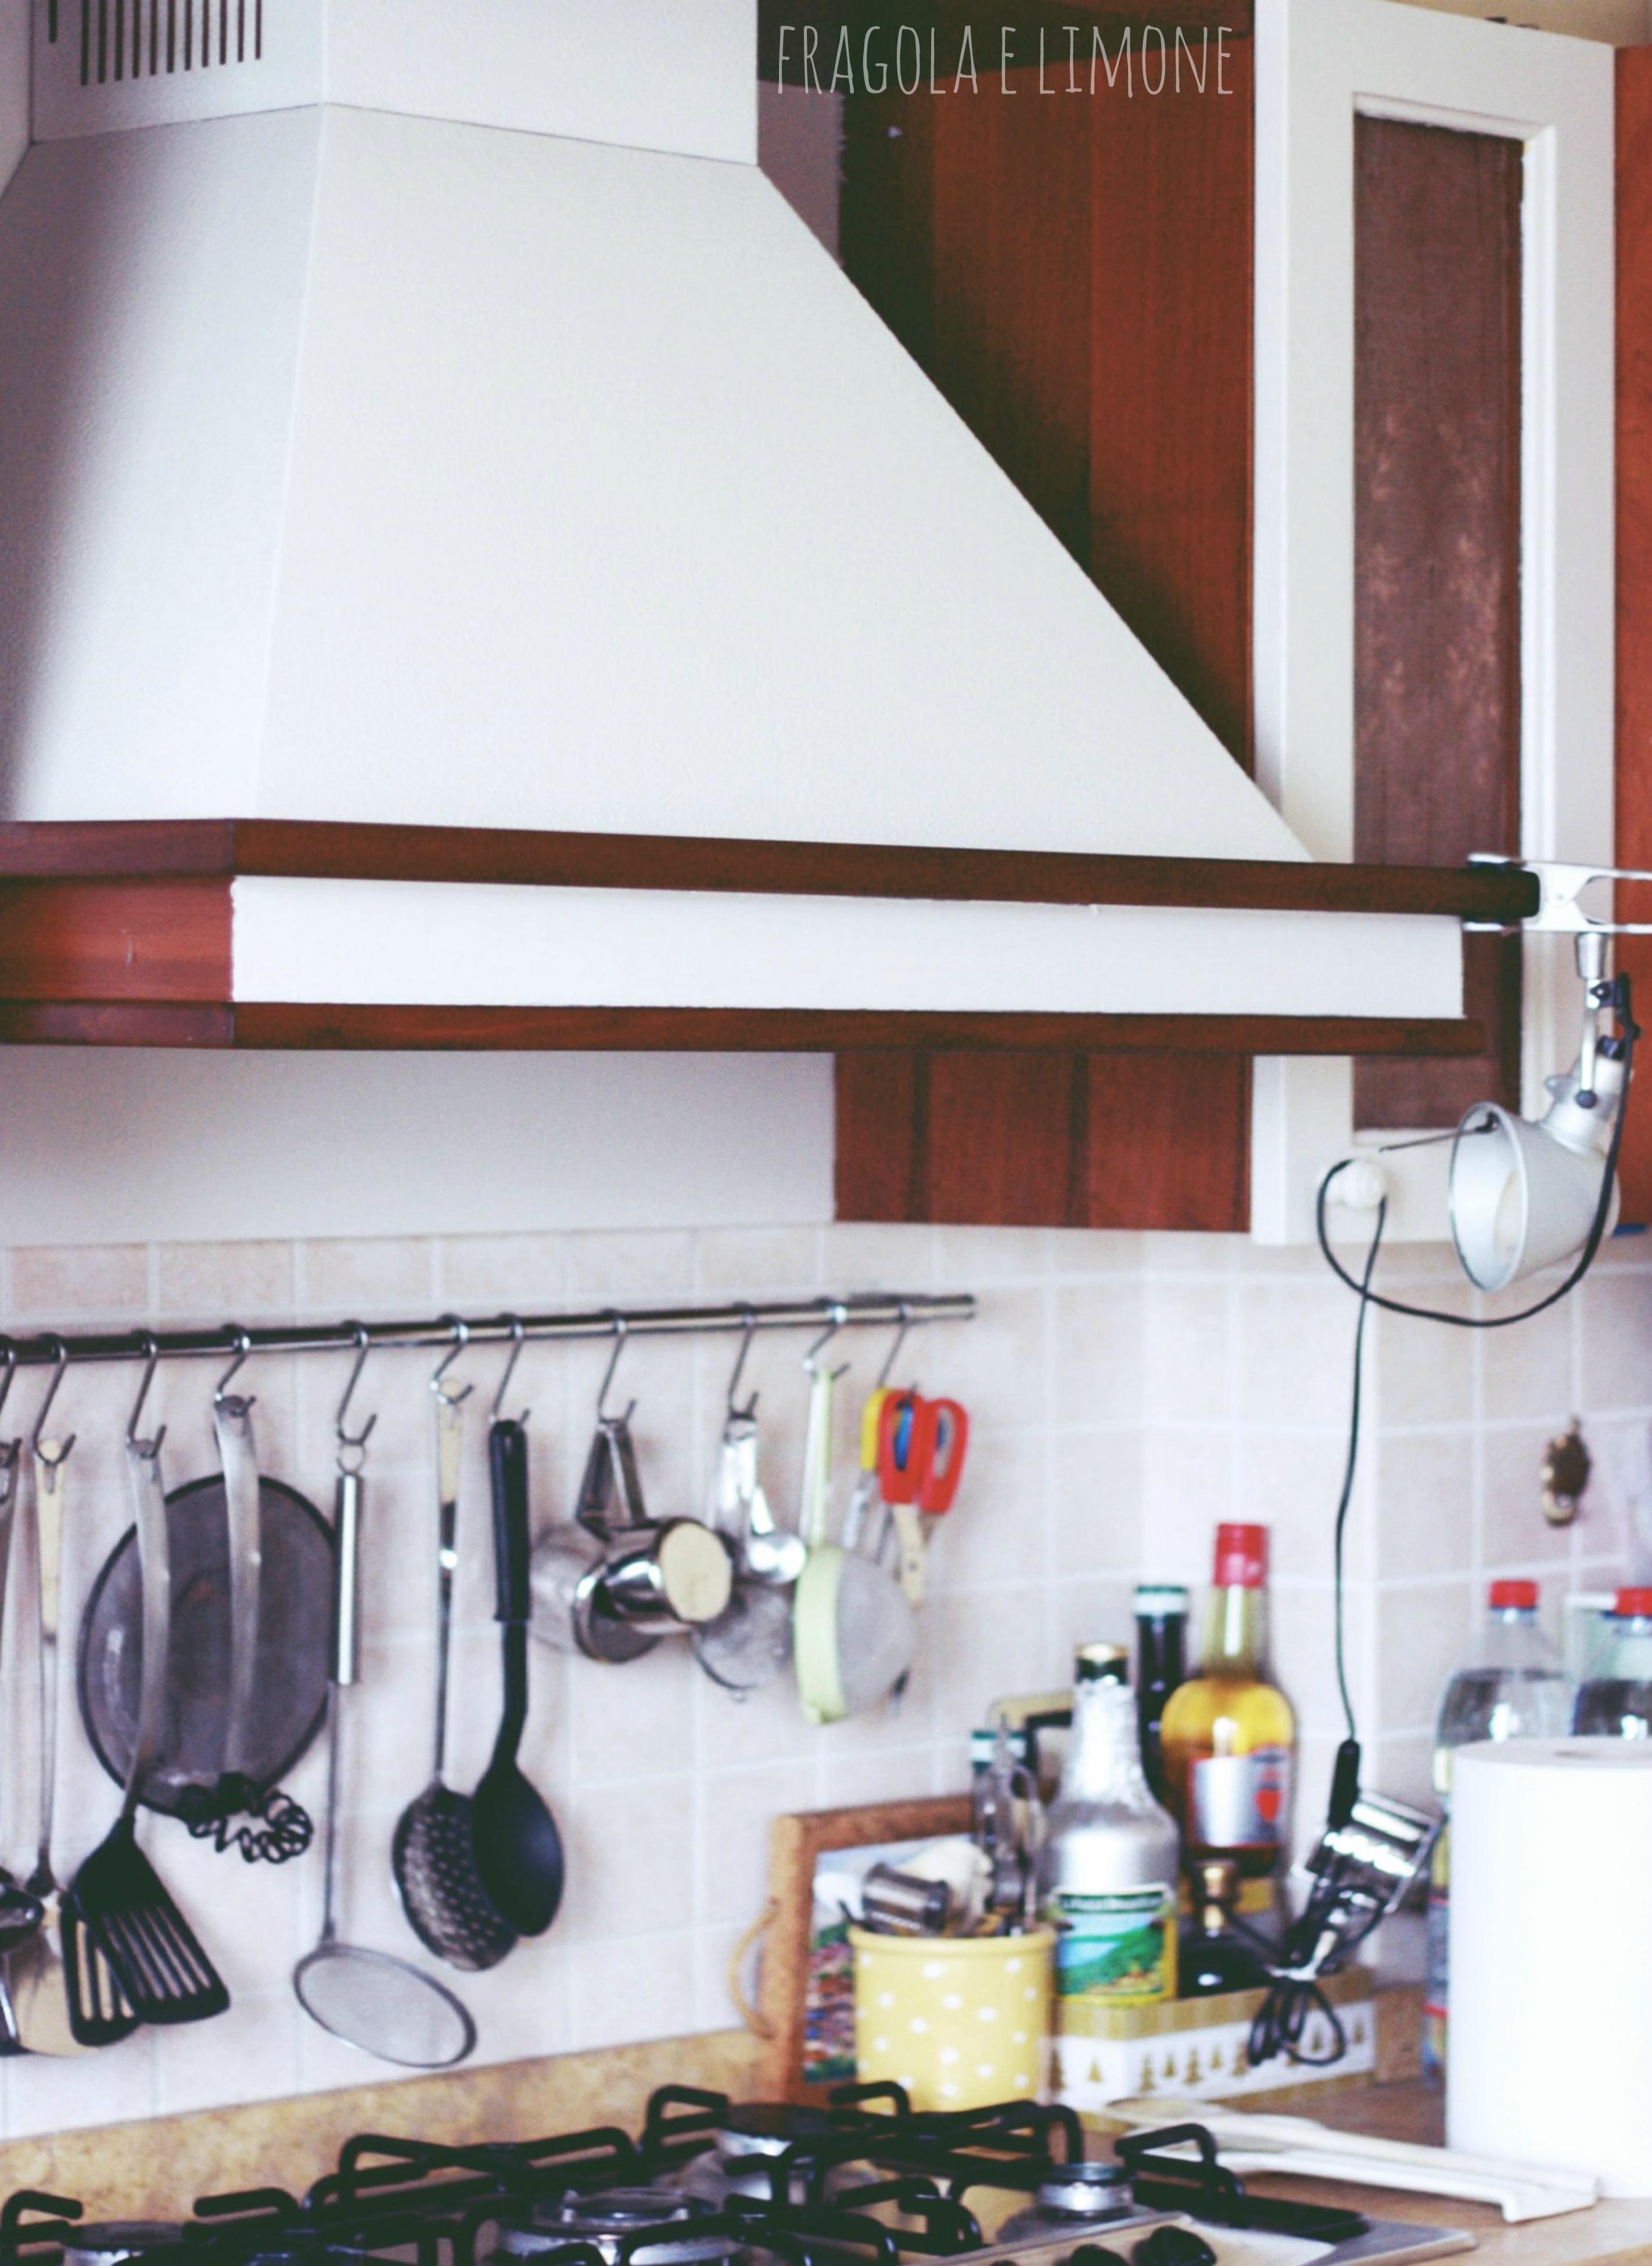 Pittura Shabby Leroy Merlin nuova cucina con meno di 50 euro